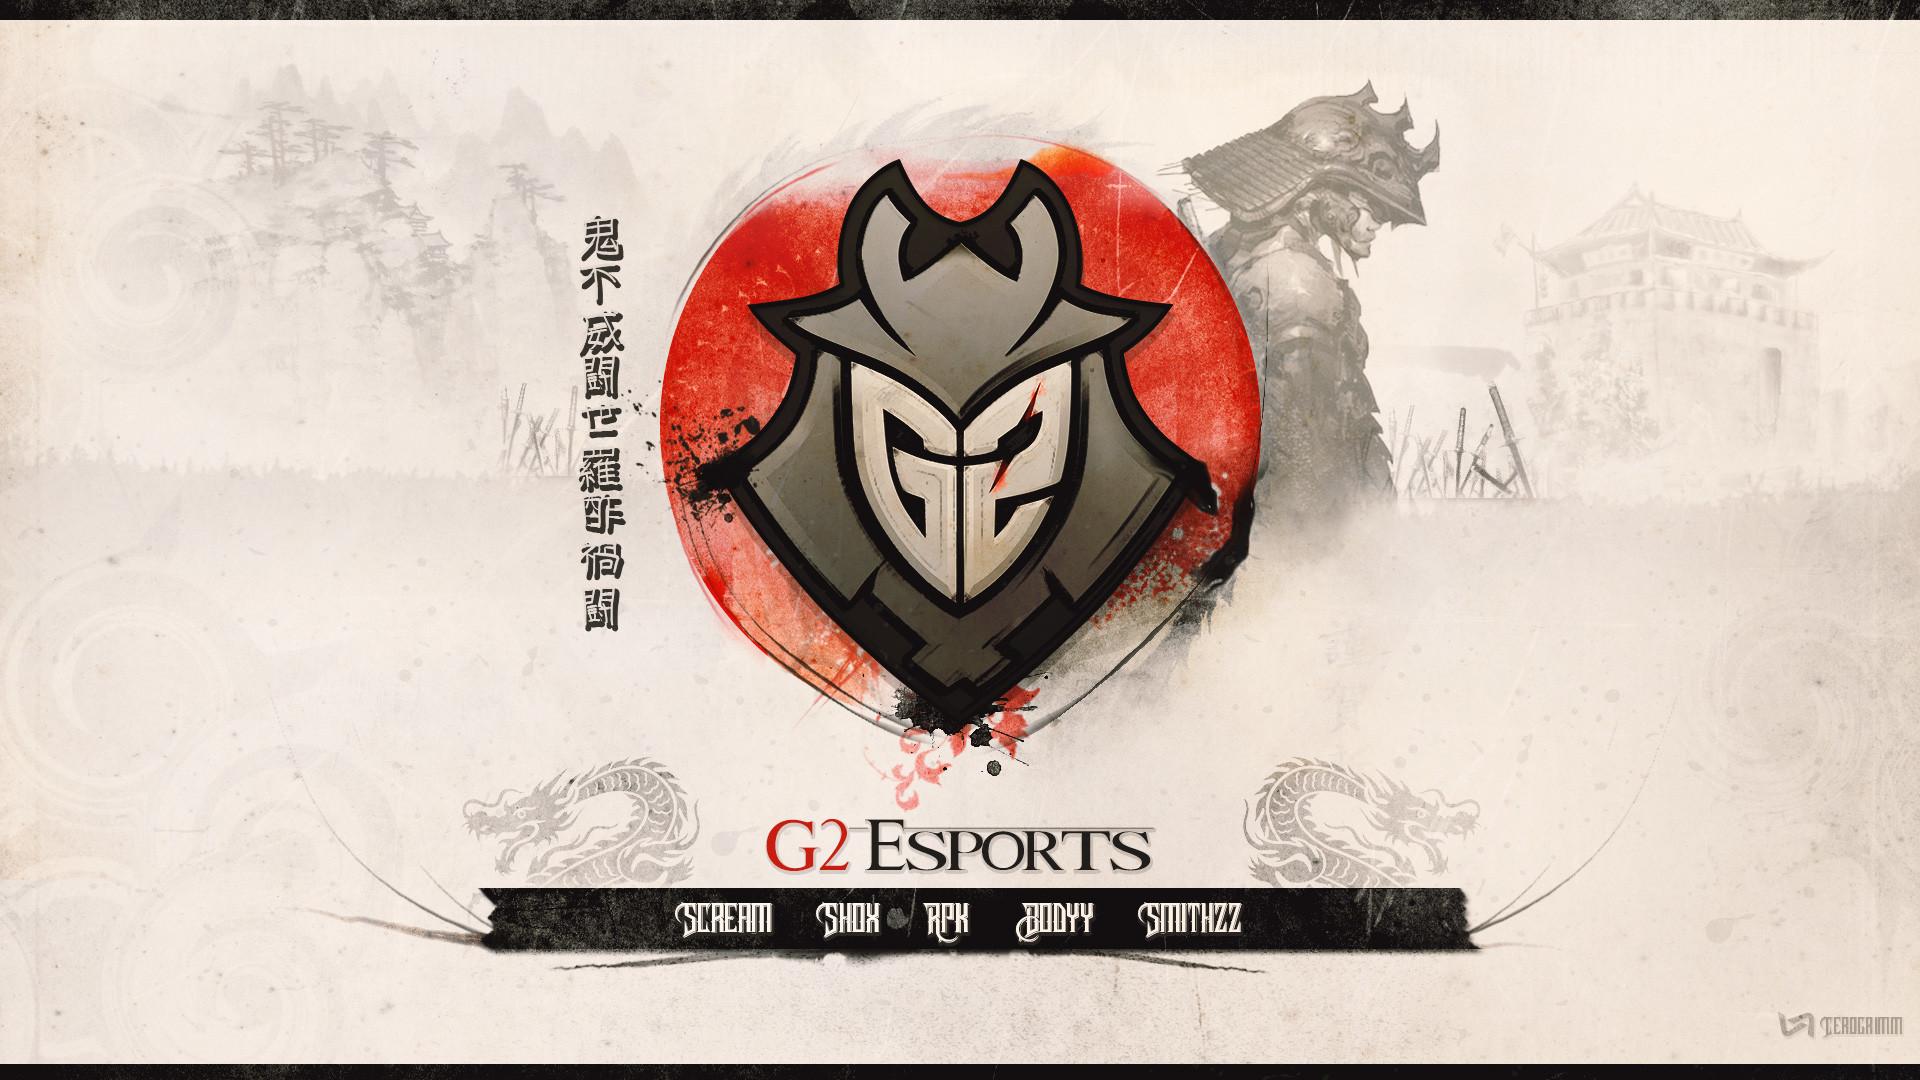 Res: 1920x1080, G2 CS:GO wallpaper by Cerogrimm